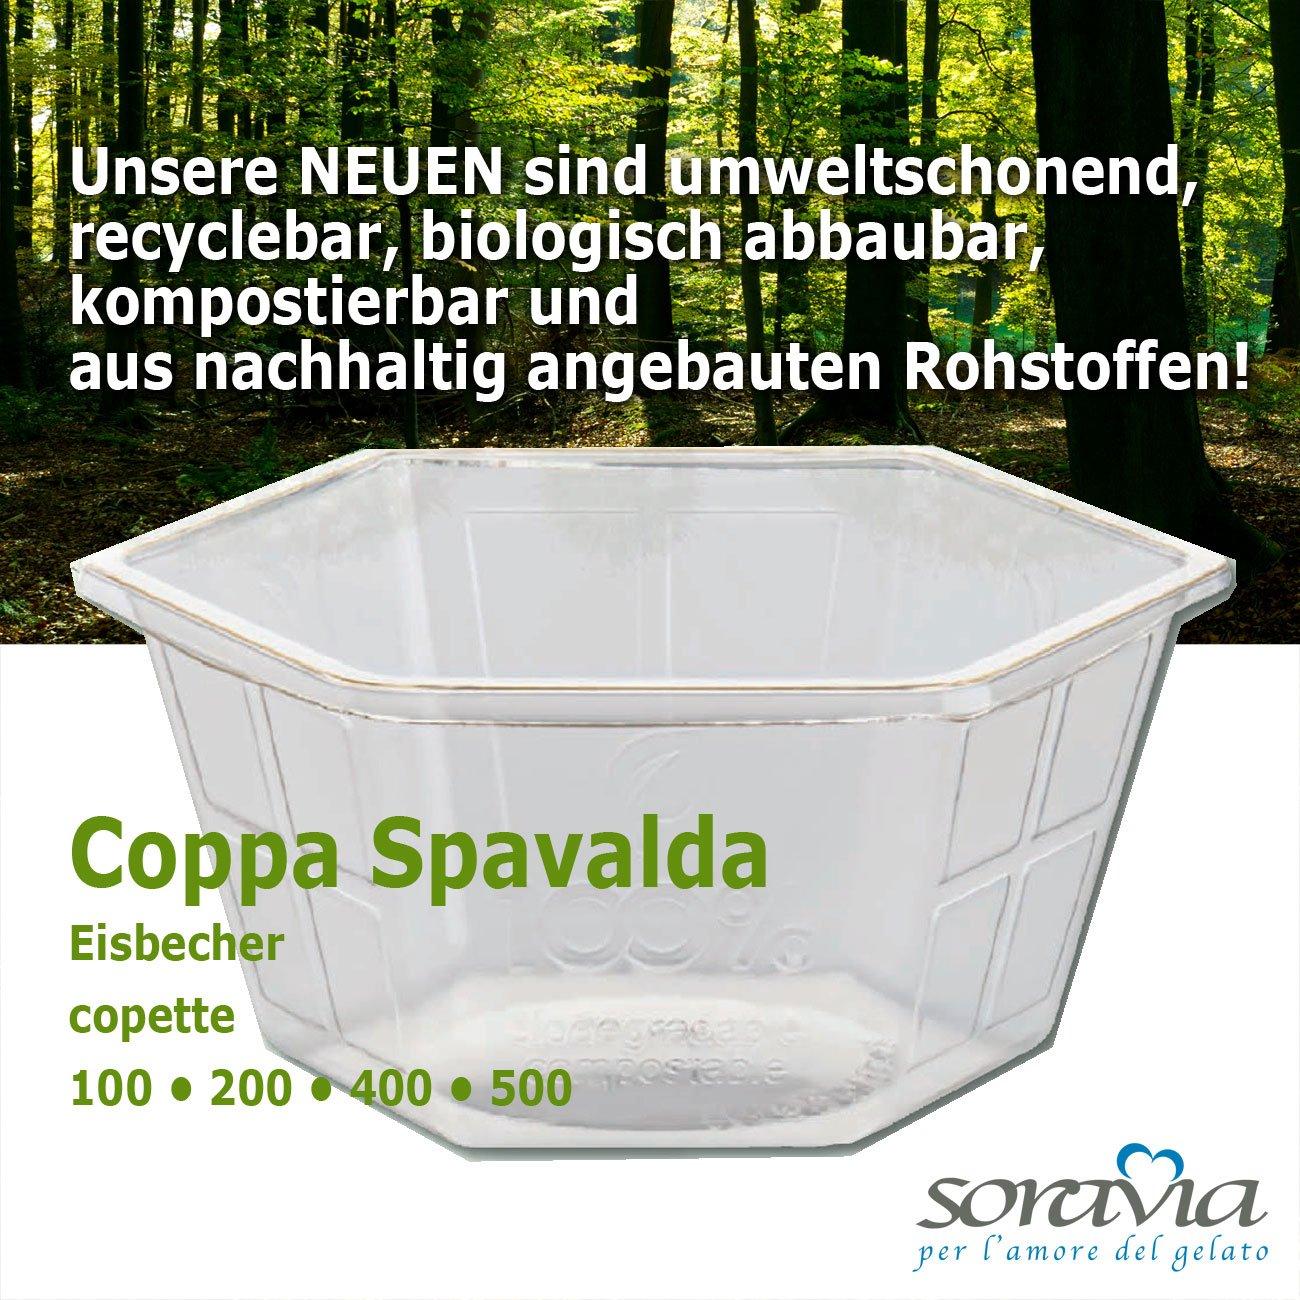 Coppa Spavalda 100 PLA - box 2400 pieces - Ice cup biodegradable - coppa plastica PLA